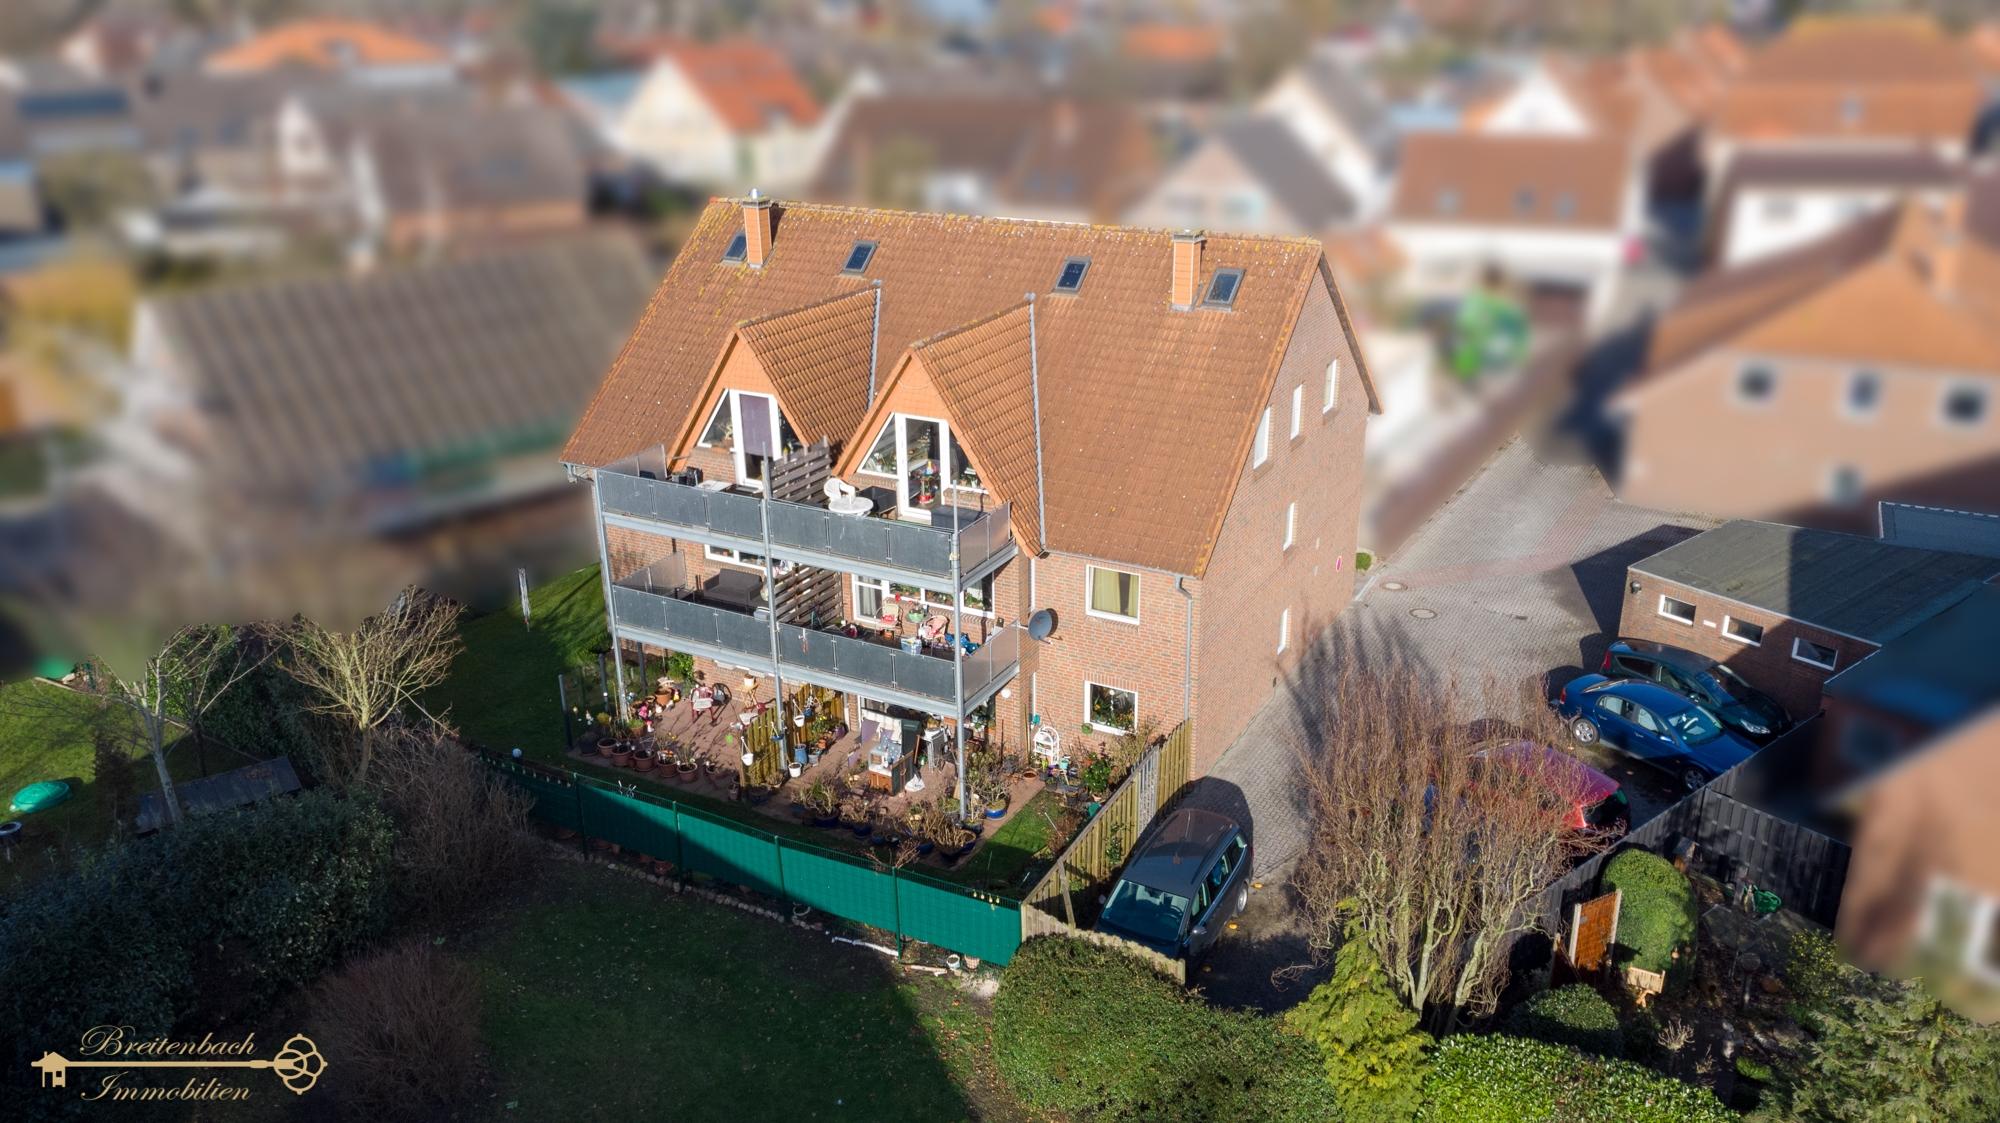 2021-02-23-Breitenbach-Immobilien-Makler-Bremen-19